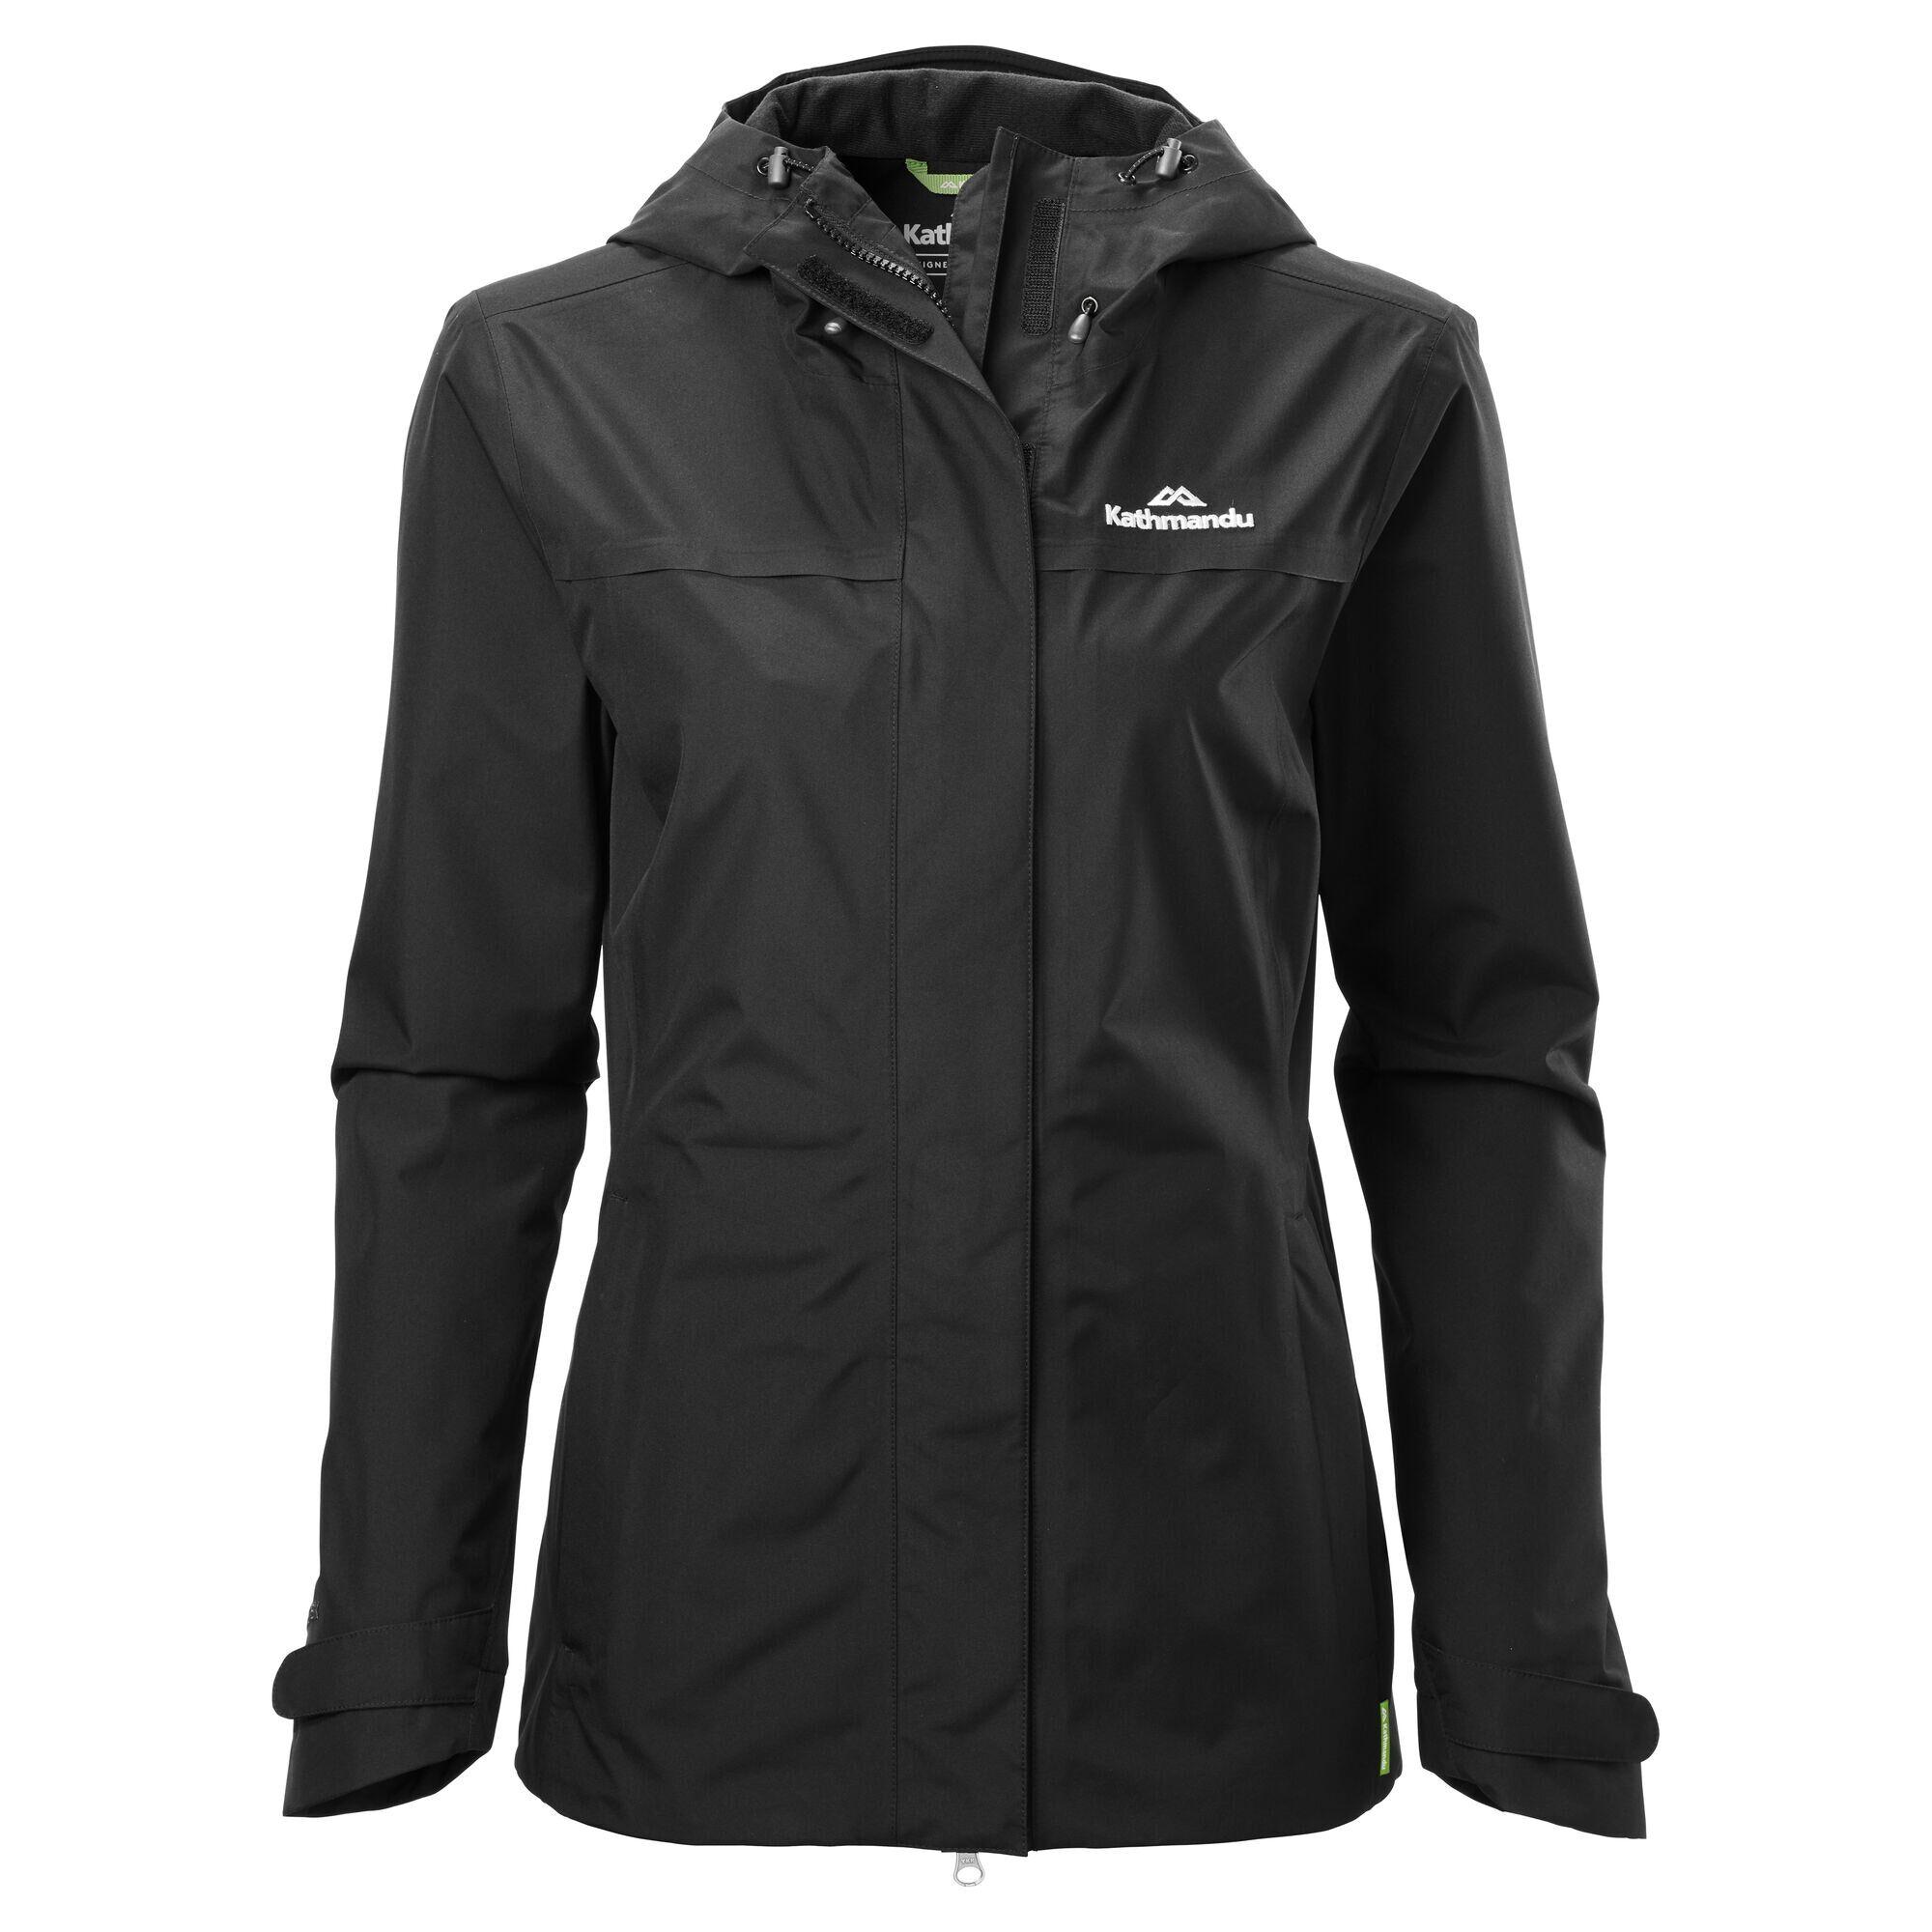 Kathmandu Bealey Women's GORE-TEX Jacket  - Black - Size: US 2